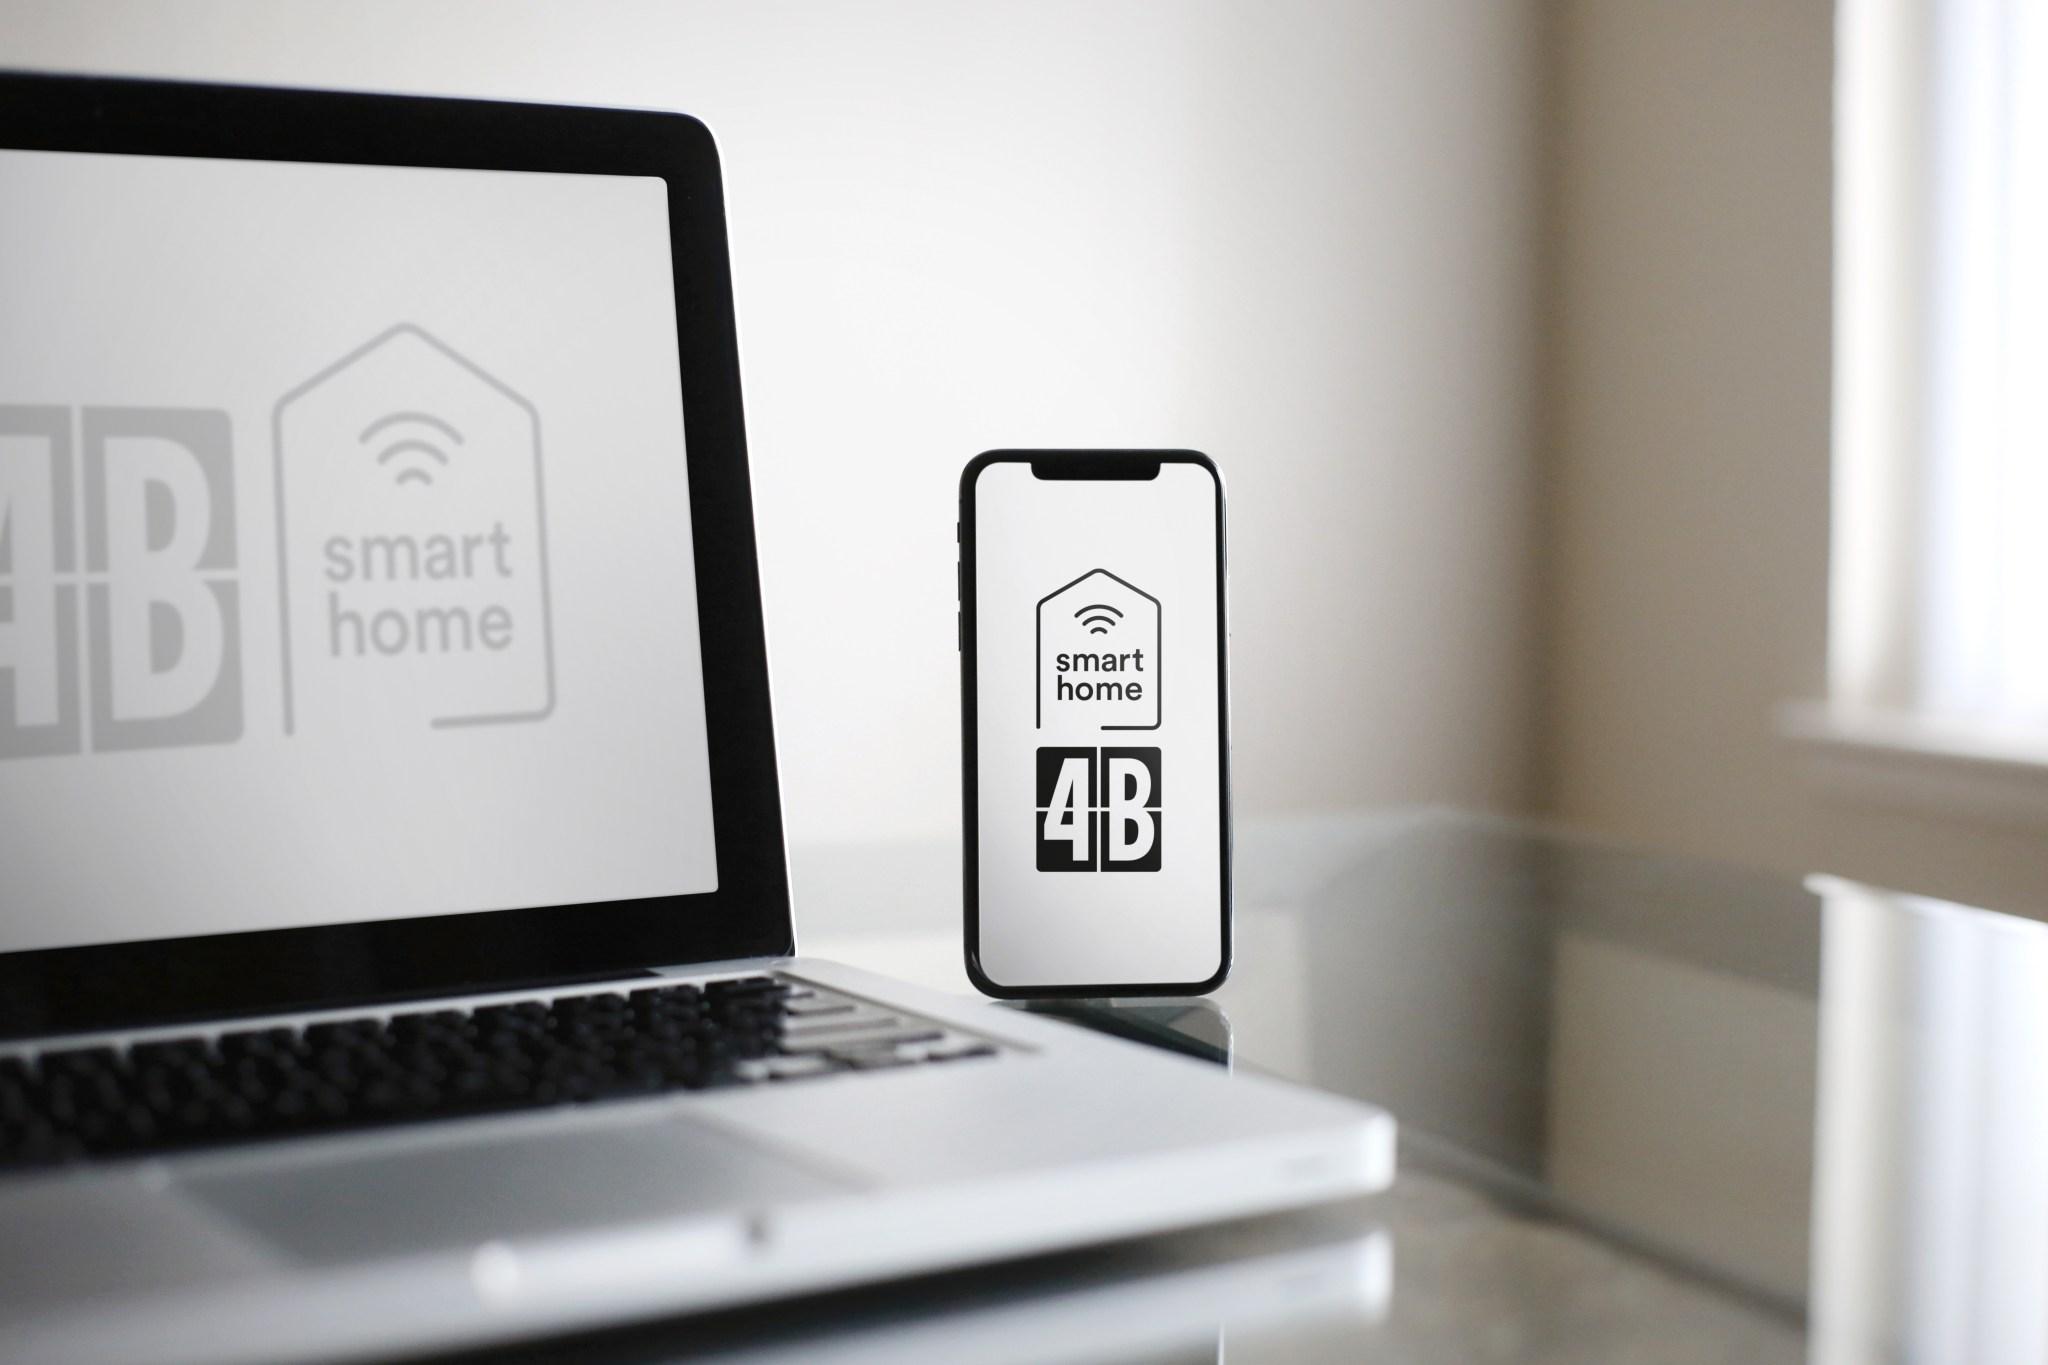 Laptop und Smartphone mit 4B Logo und Smart-Home-Icon